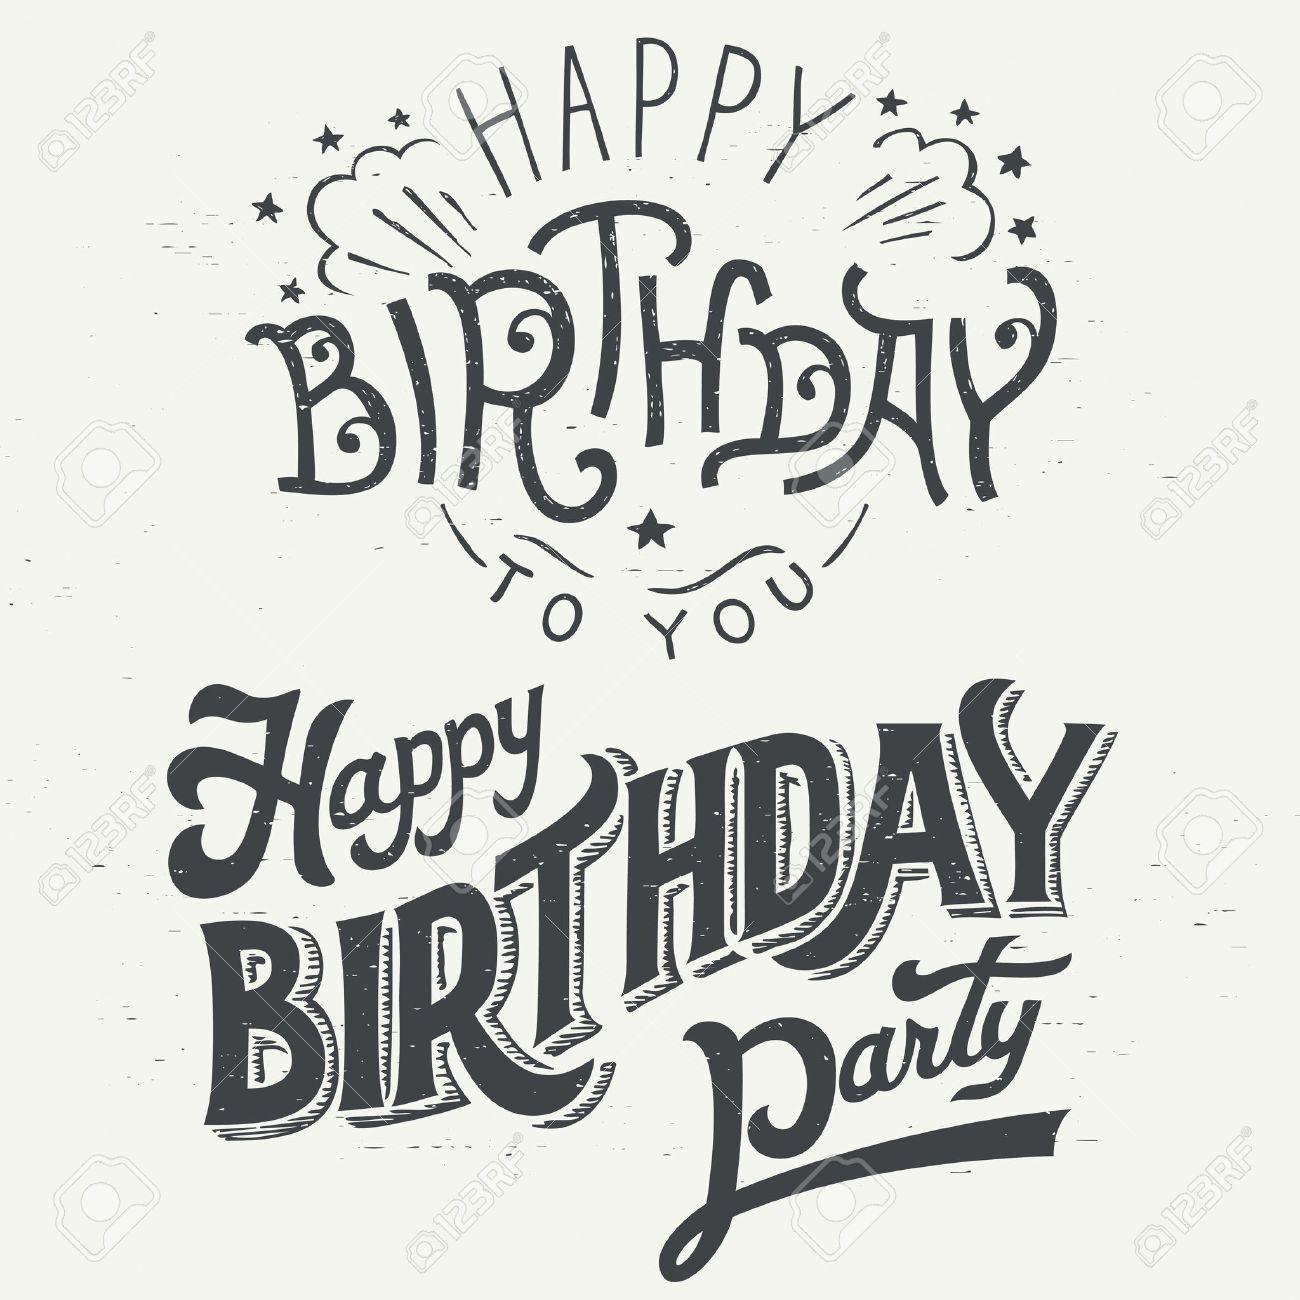 誕生日 手書き の画像検索結果 誕生日 イラスト 手書き バースデーカード バースデーカード 手書き